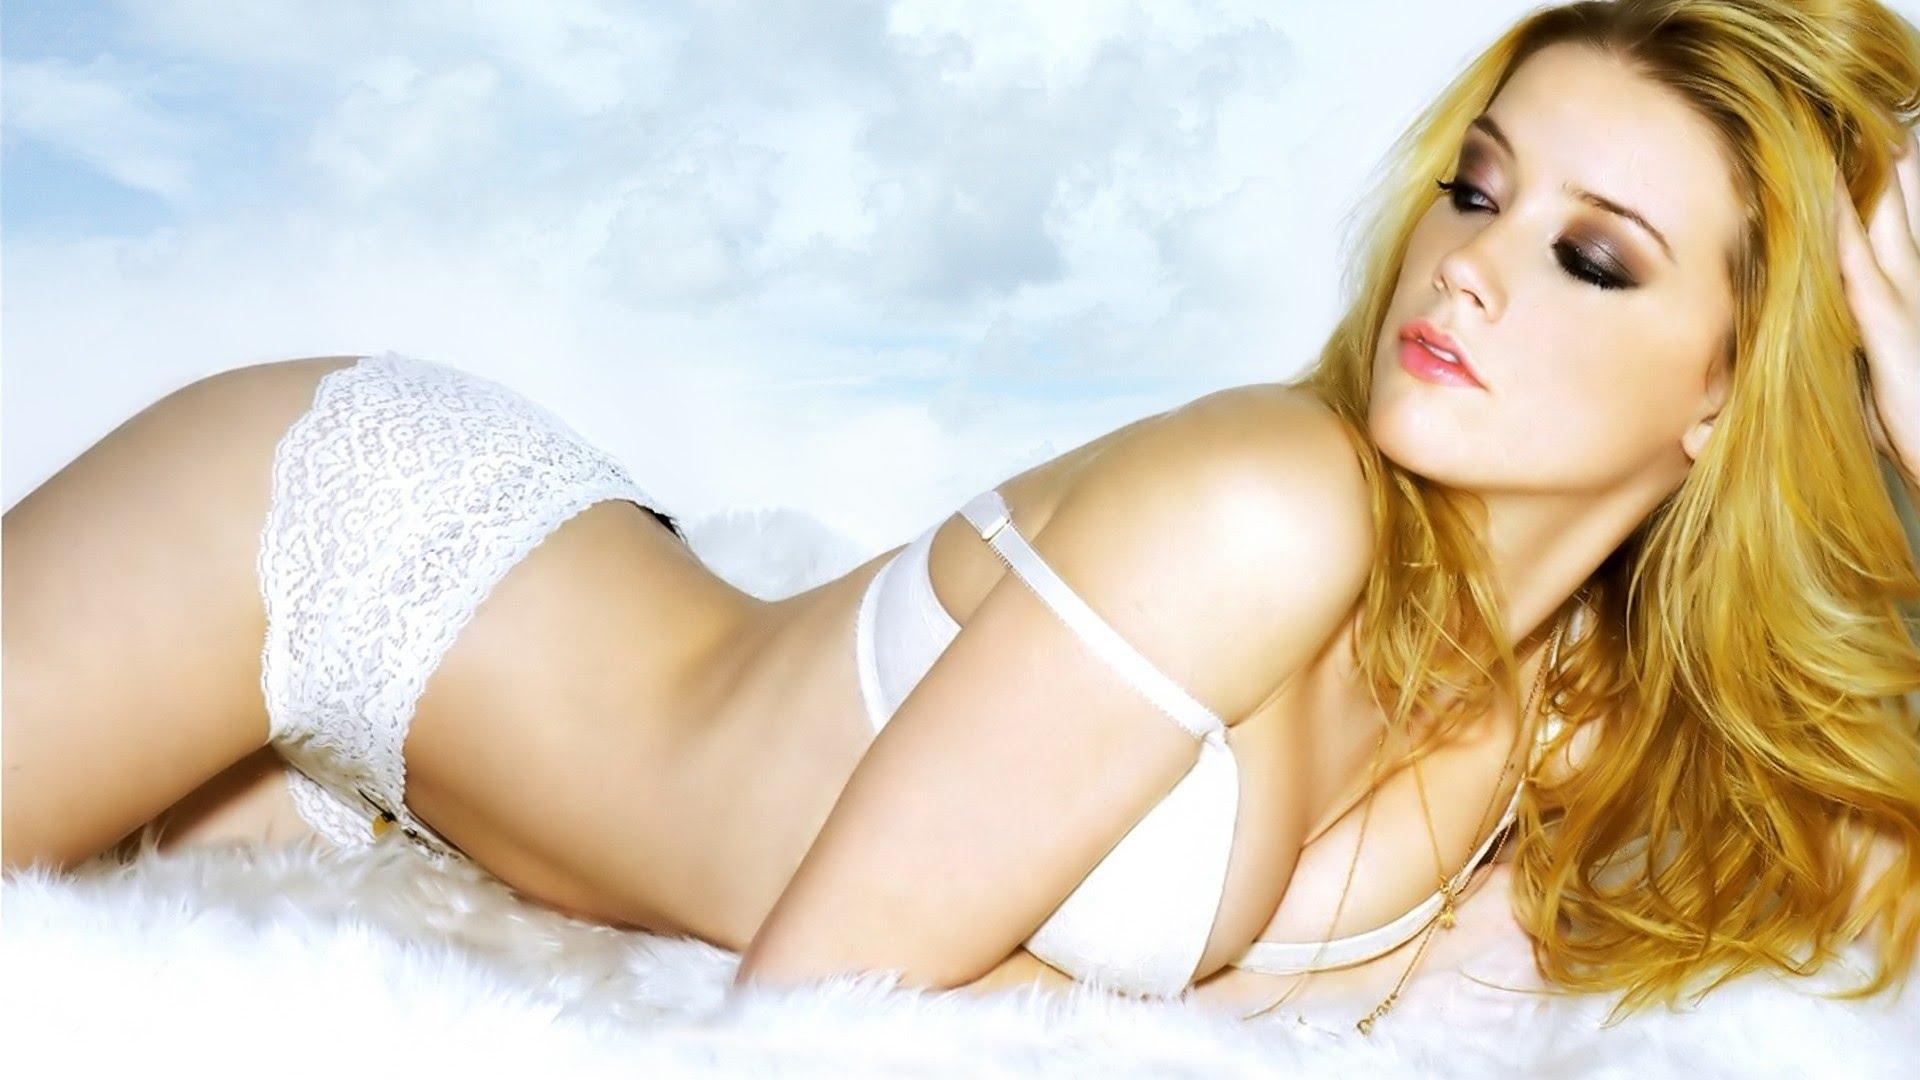 Amber Heard hot cleavage pic